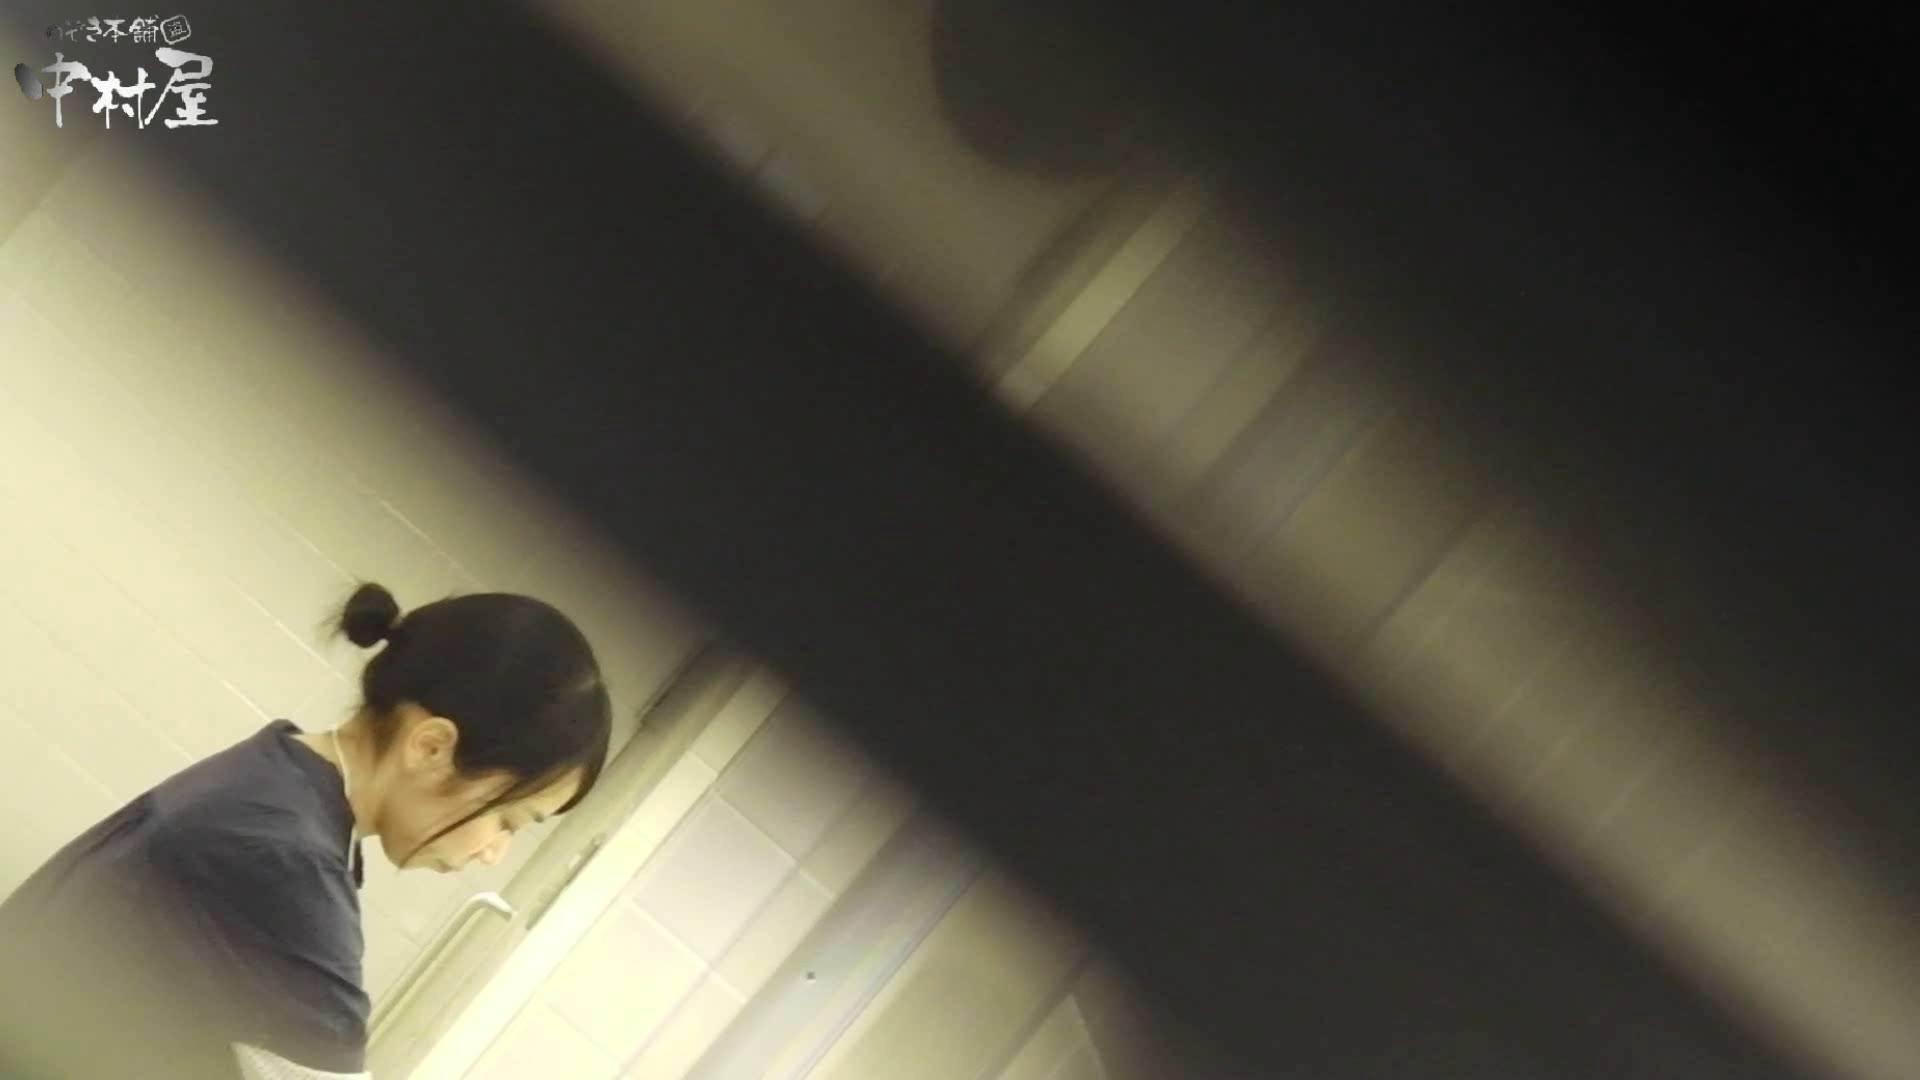 vol.31 命がけ潜伏洗面所! 半出しして諦めるポニテさん後編 潜入 盗撮動画紹介 86枚 43